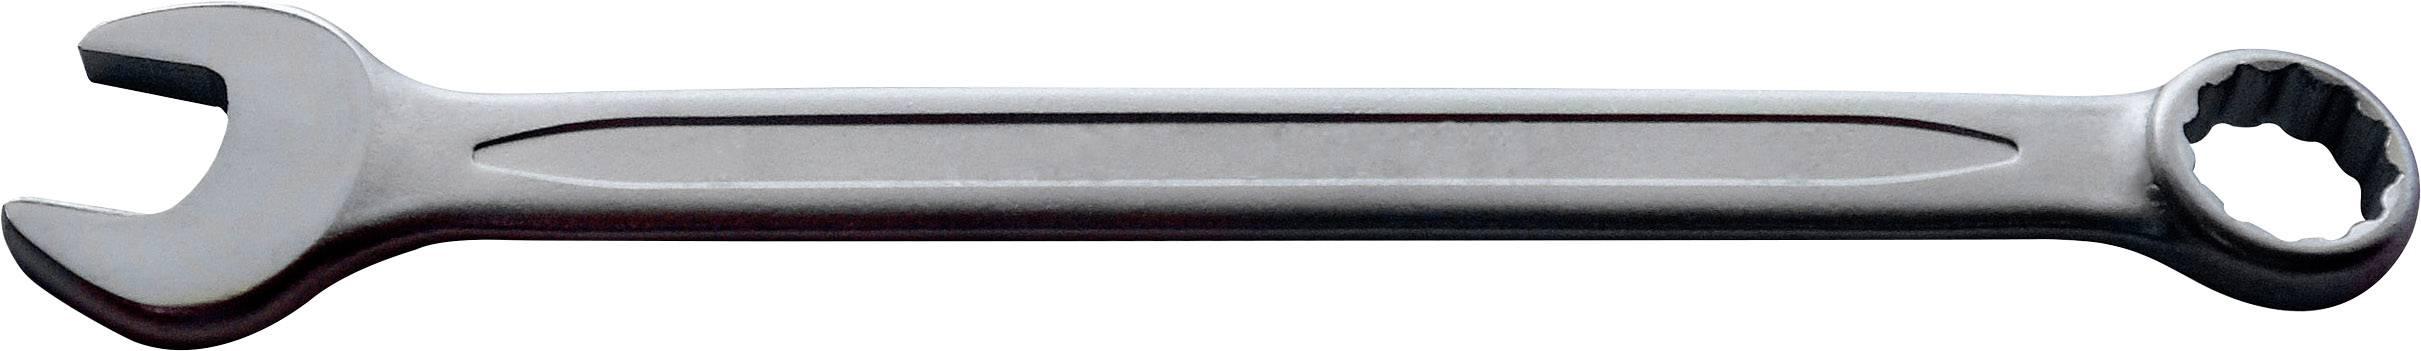 Očkoplochý klíč/e TOOLCRAFT 13 mm DIN 3113 Form A 820836